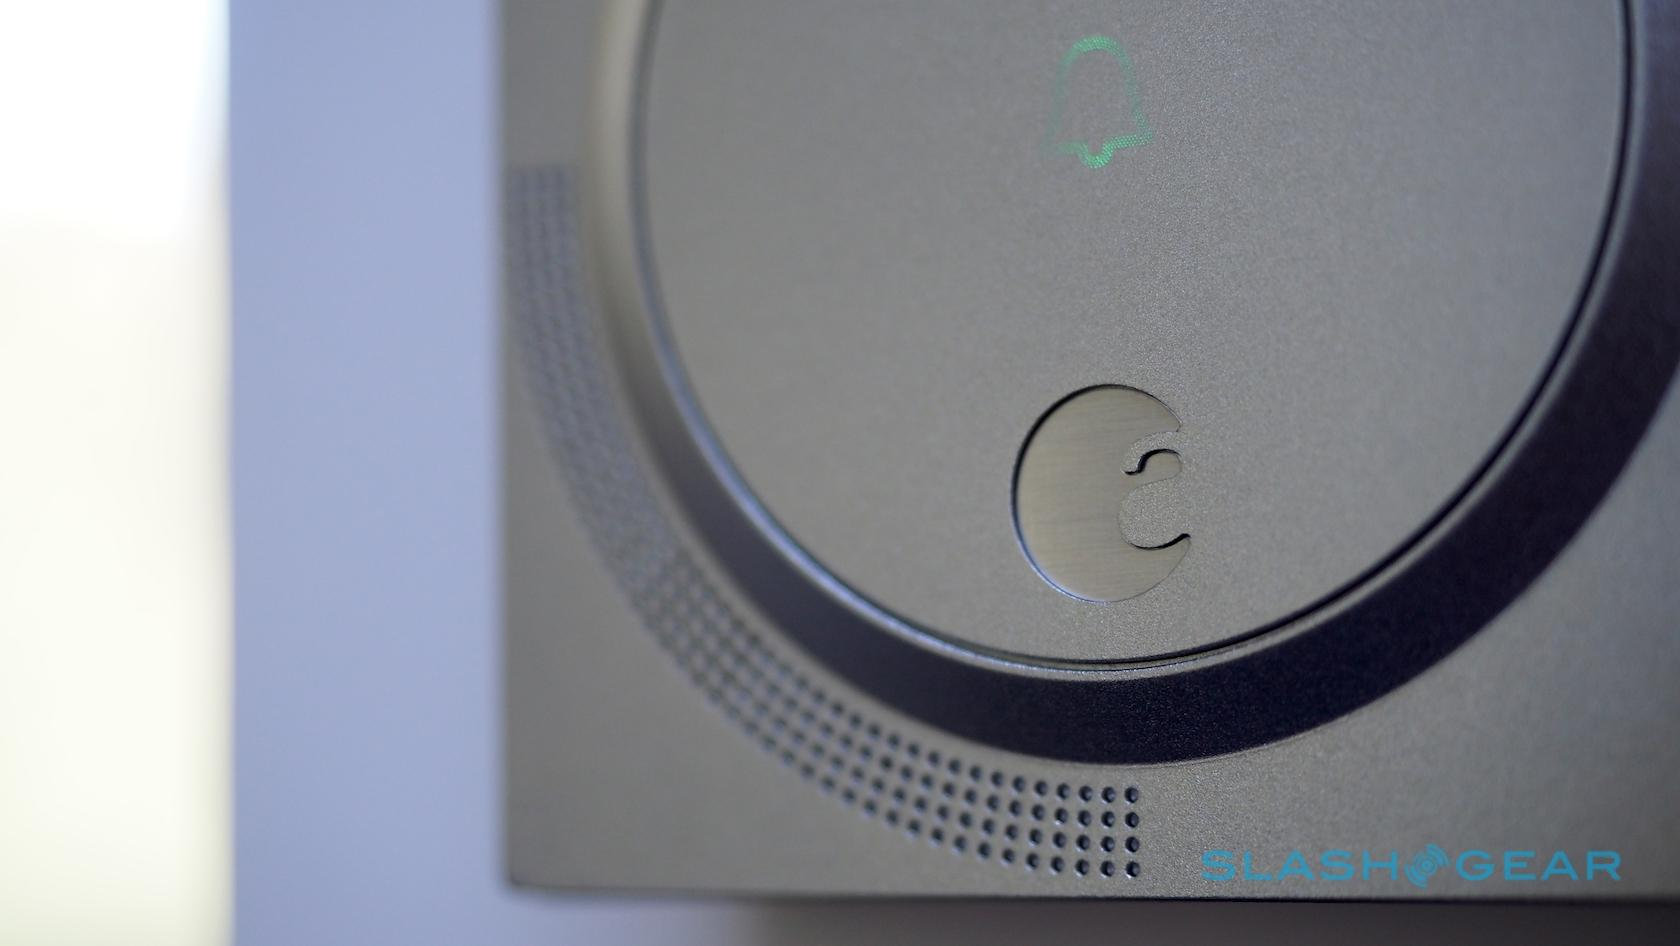 august-doorbell-cam-review-3